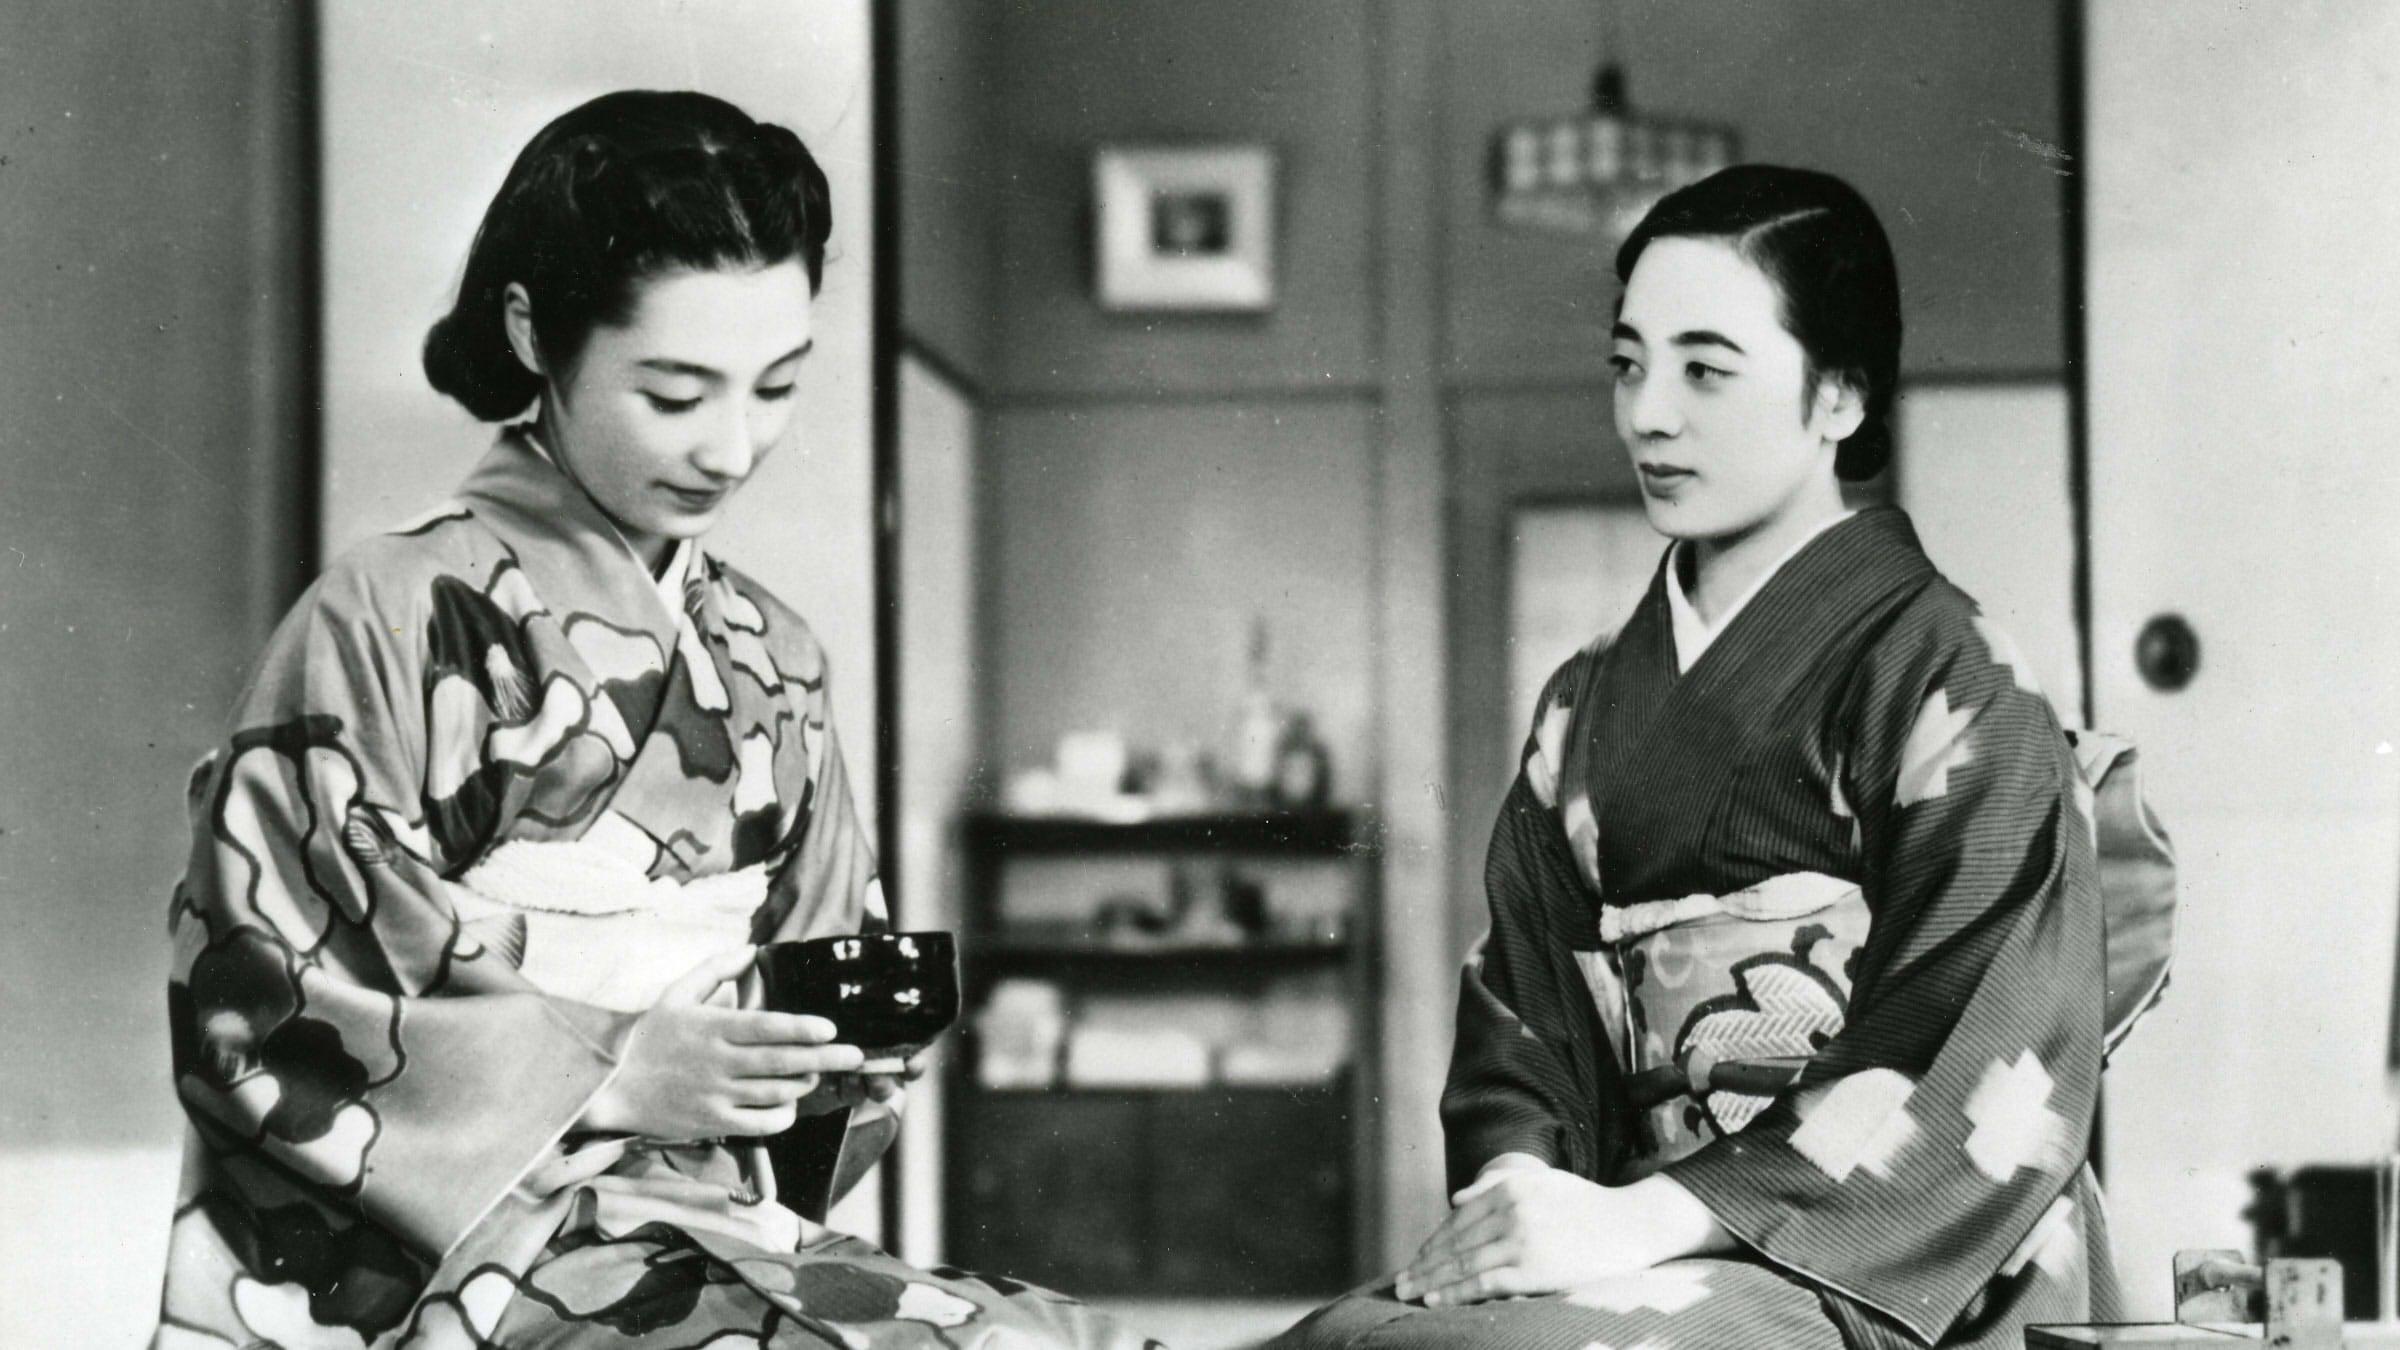 Les Frères et sœurs Toda (1941)